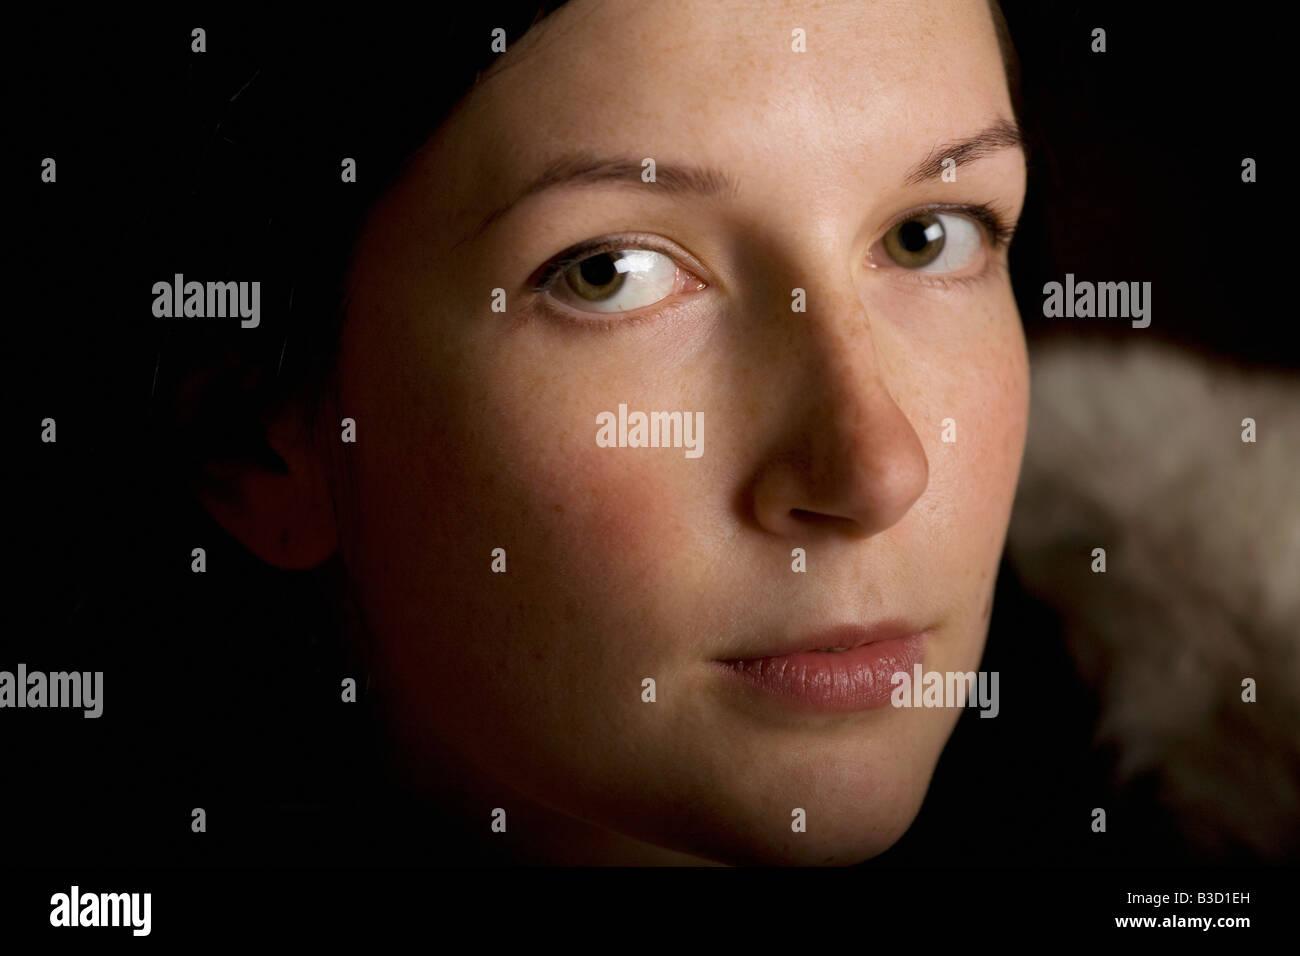 Contemplative woman, close-up, portrait - Stock Image